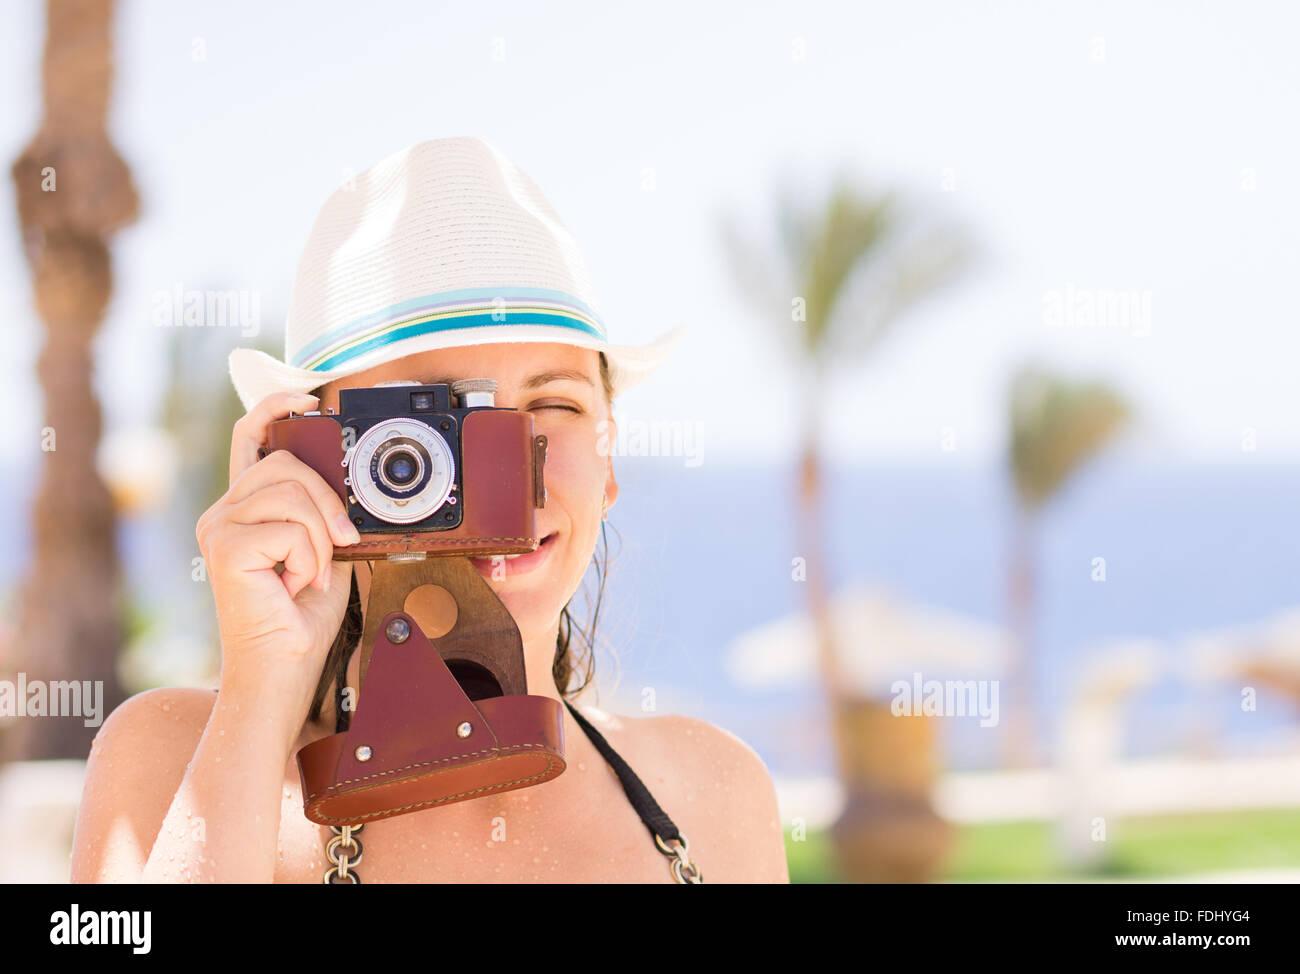 Junges Mädchen fotografieren mit alten Film-Kamera in den Sommerferien. Reisen Tourismus Hintergrund Stockbild